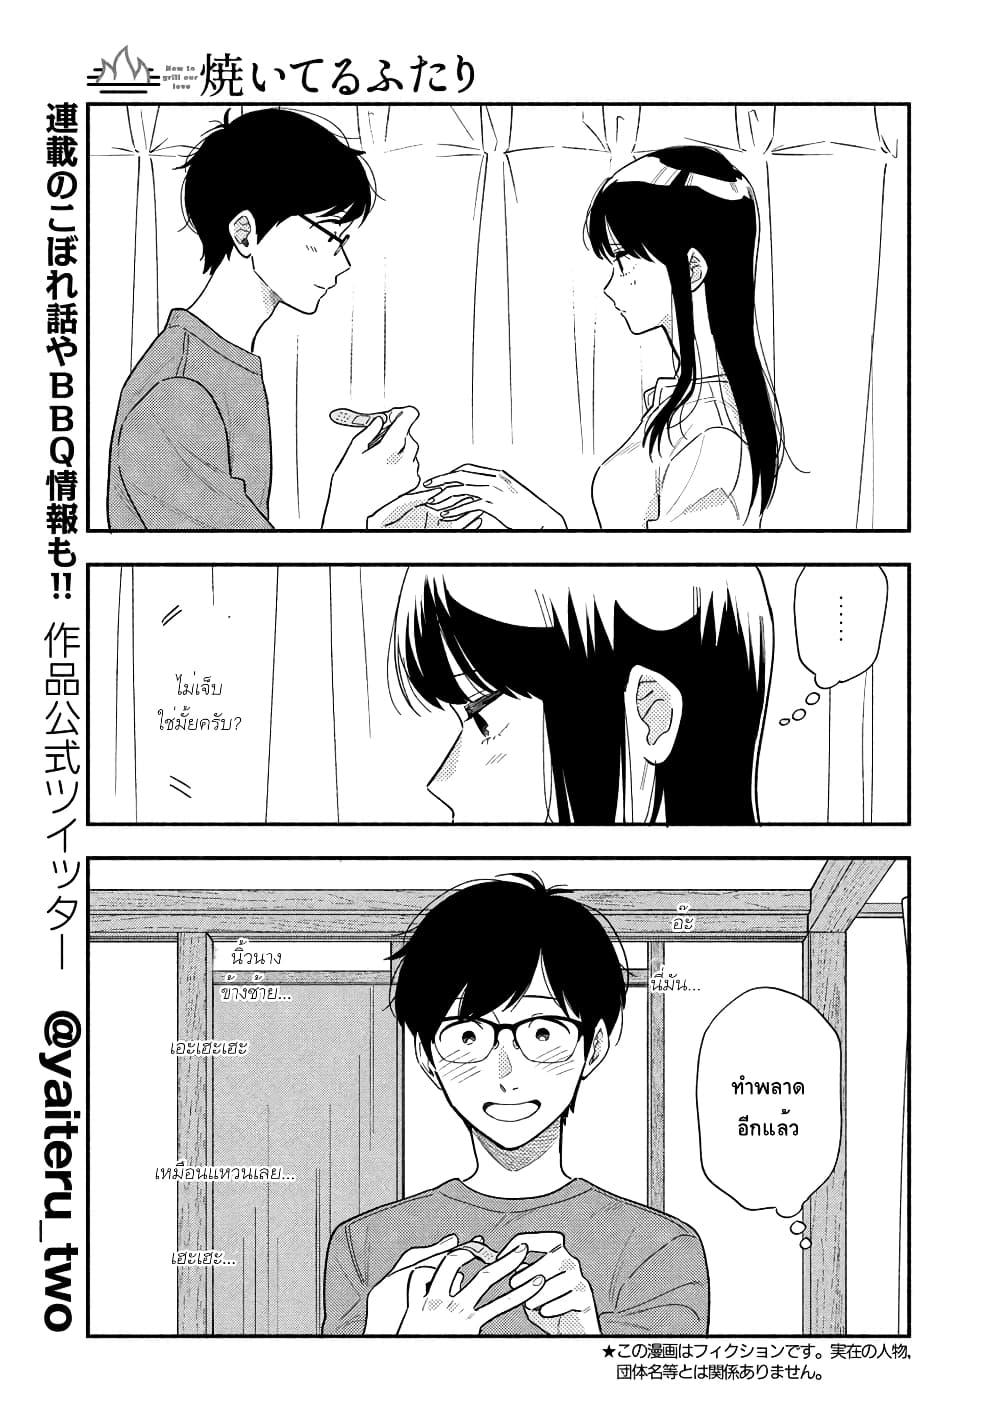 อ่านการ์ตูน Yaiteru Futari ตอนที่ 12 หน้าที่ 3